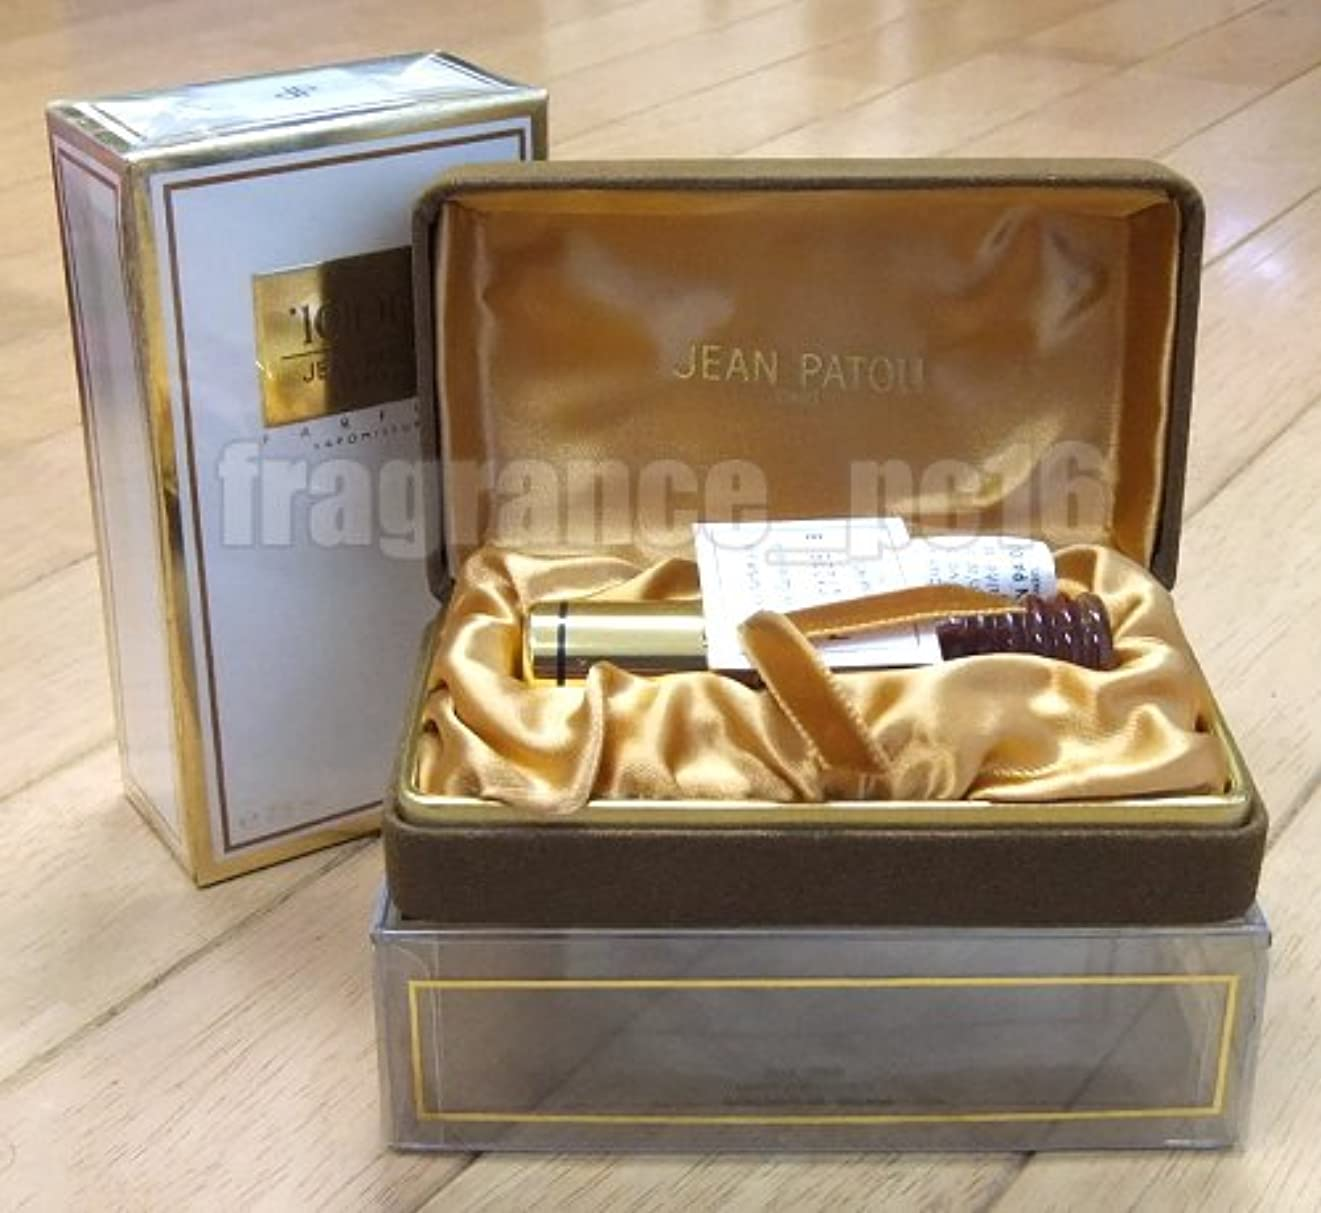 夕方入り口防腐剤JEAN PATOU ジャンパトゥ ミル 1000 パルファム 7.5ml スプレー (並行輸入) Parfum